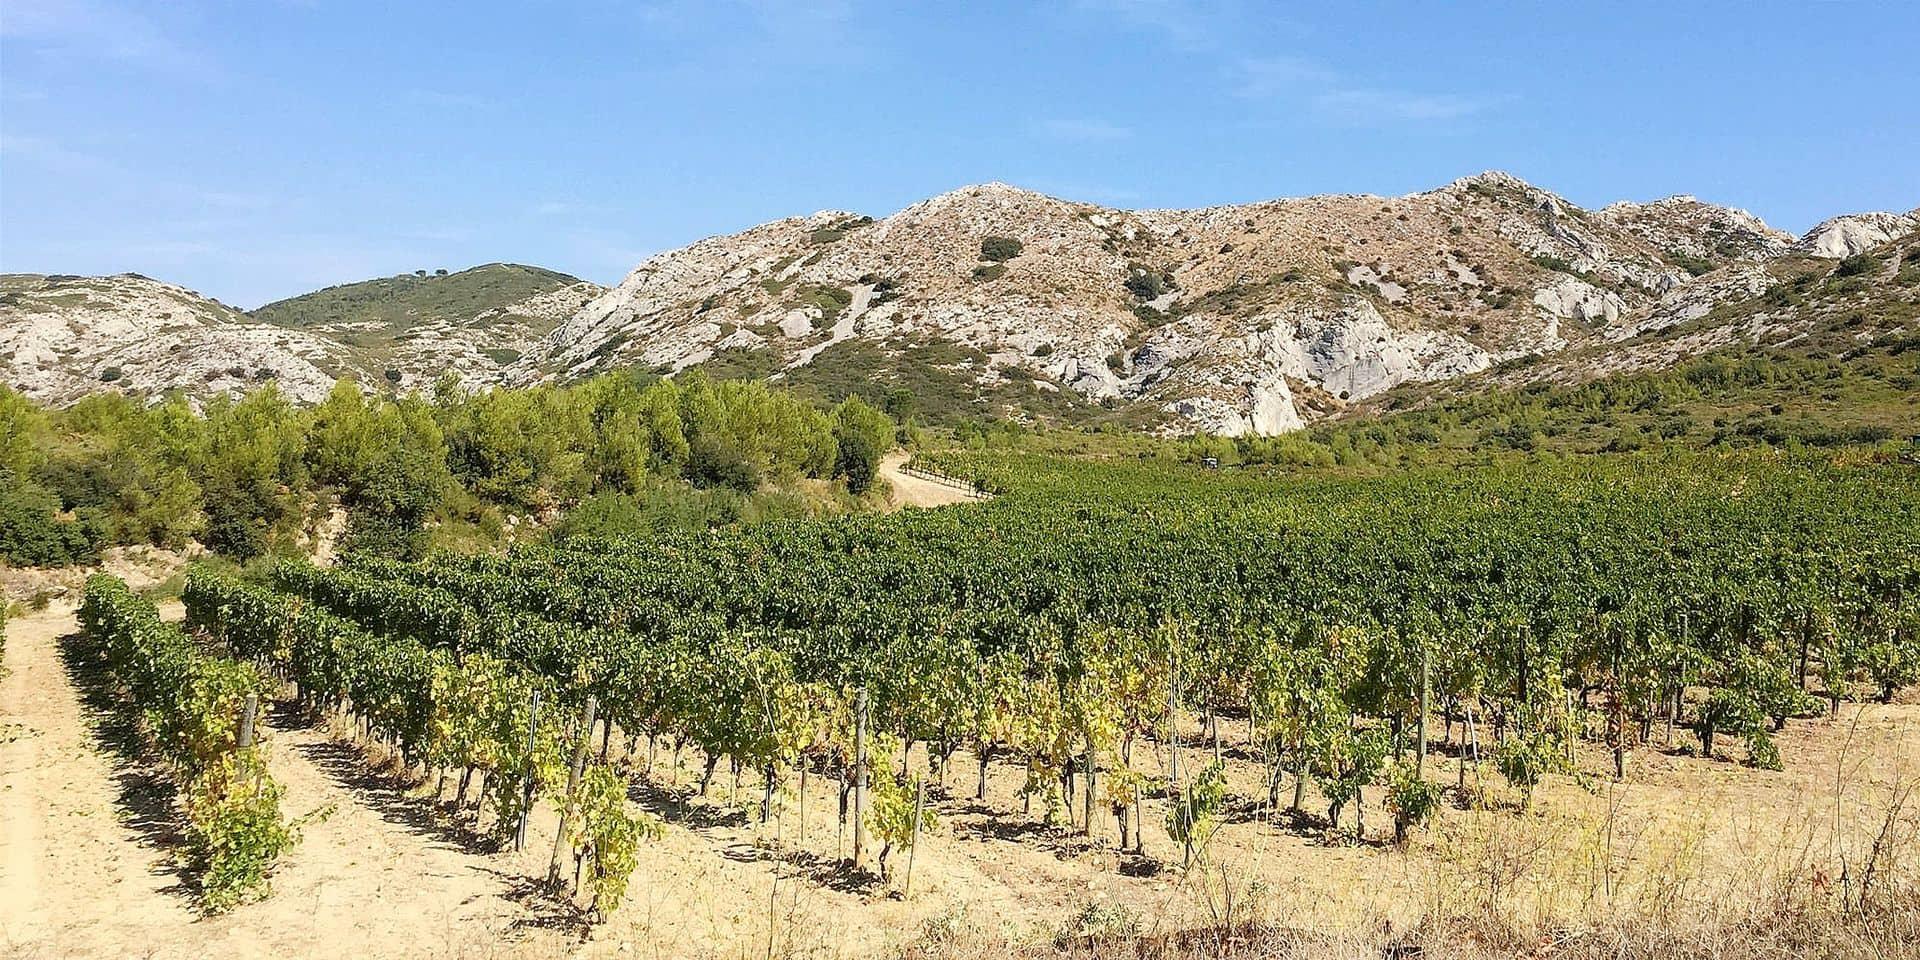 L'AOP Baux-de-Provence fête ses 25 ans : présentation des 10 vignerons qui représenteront la seule AOP 100% bio de France